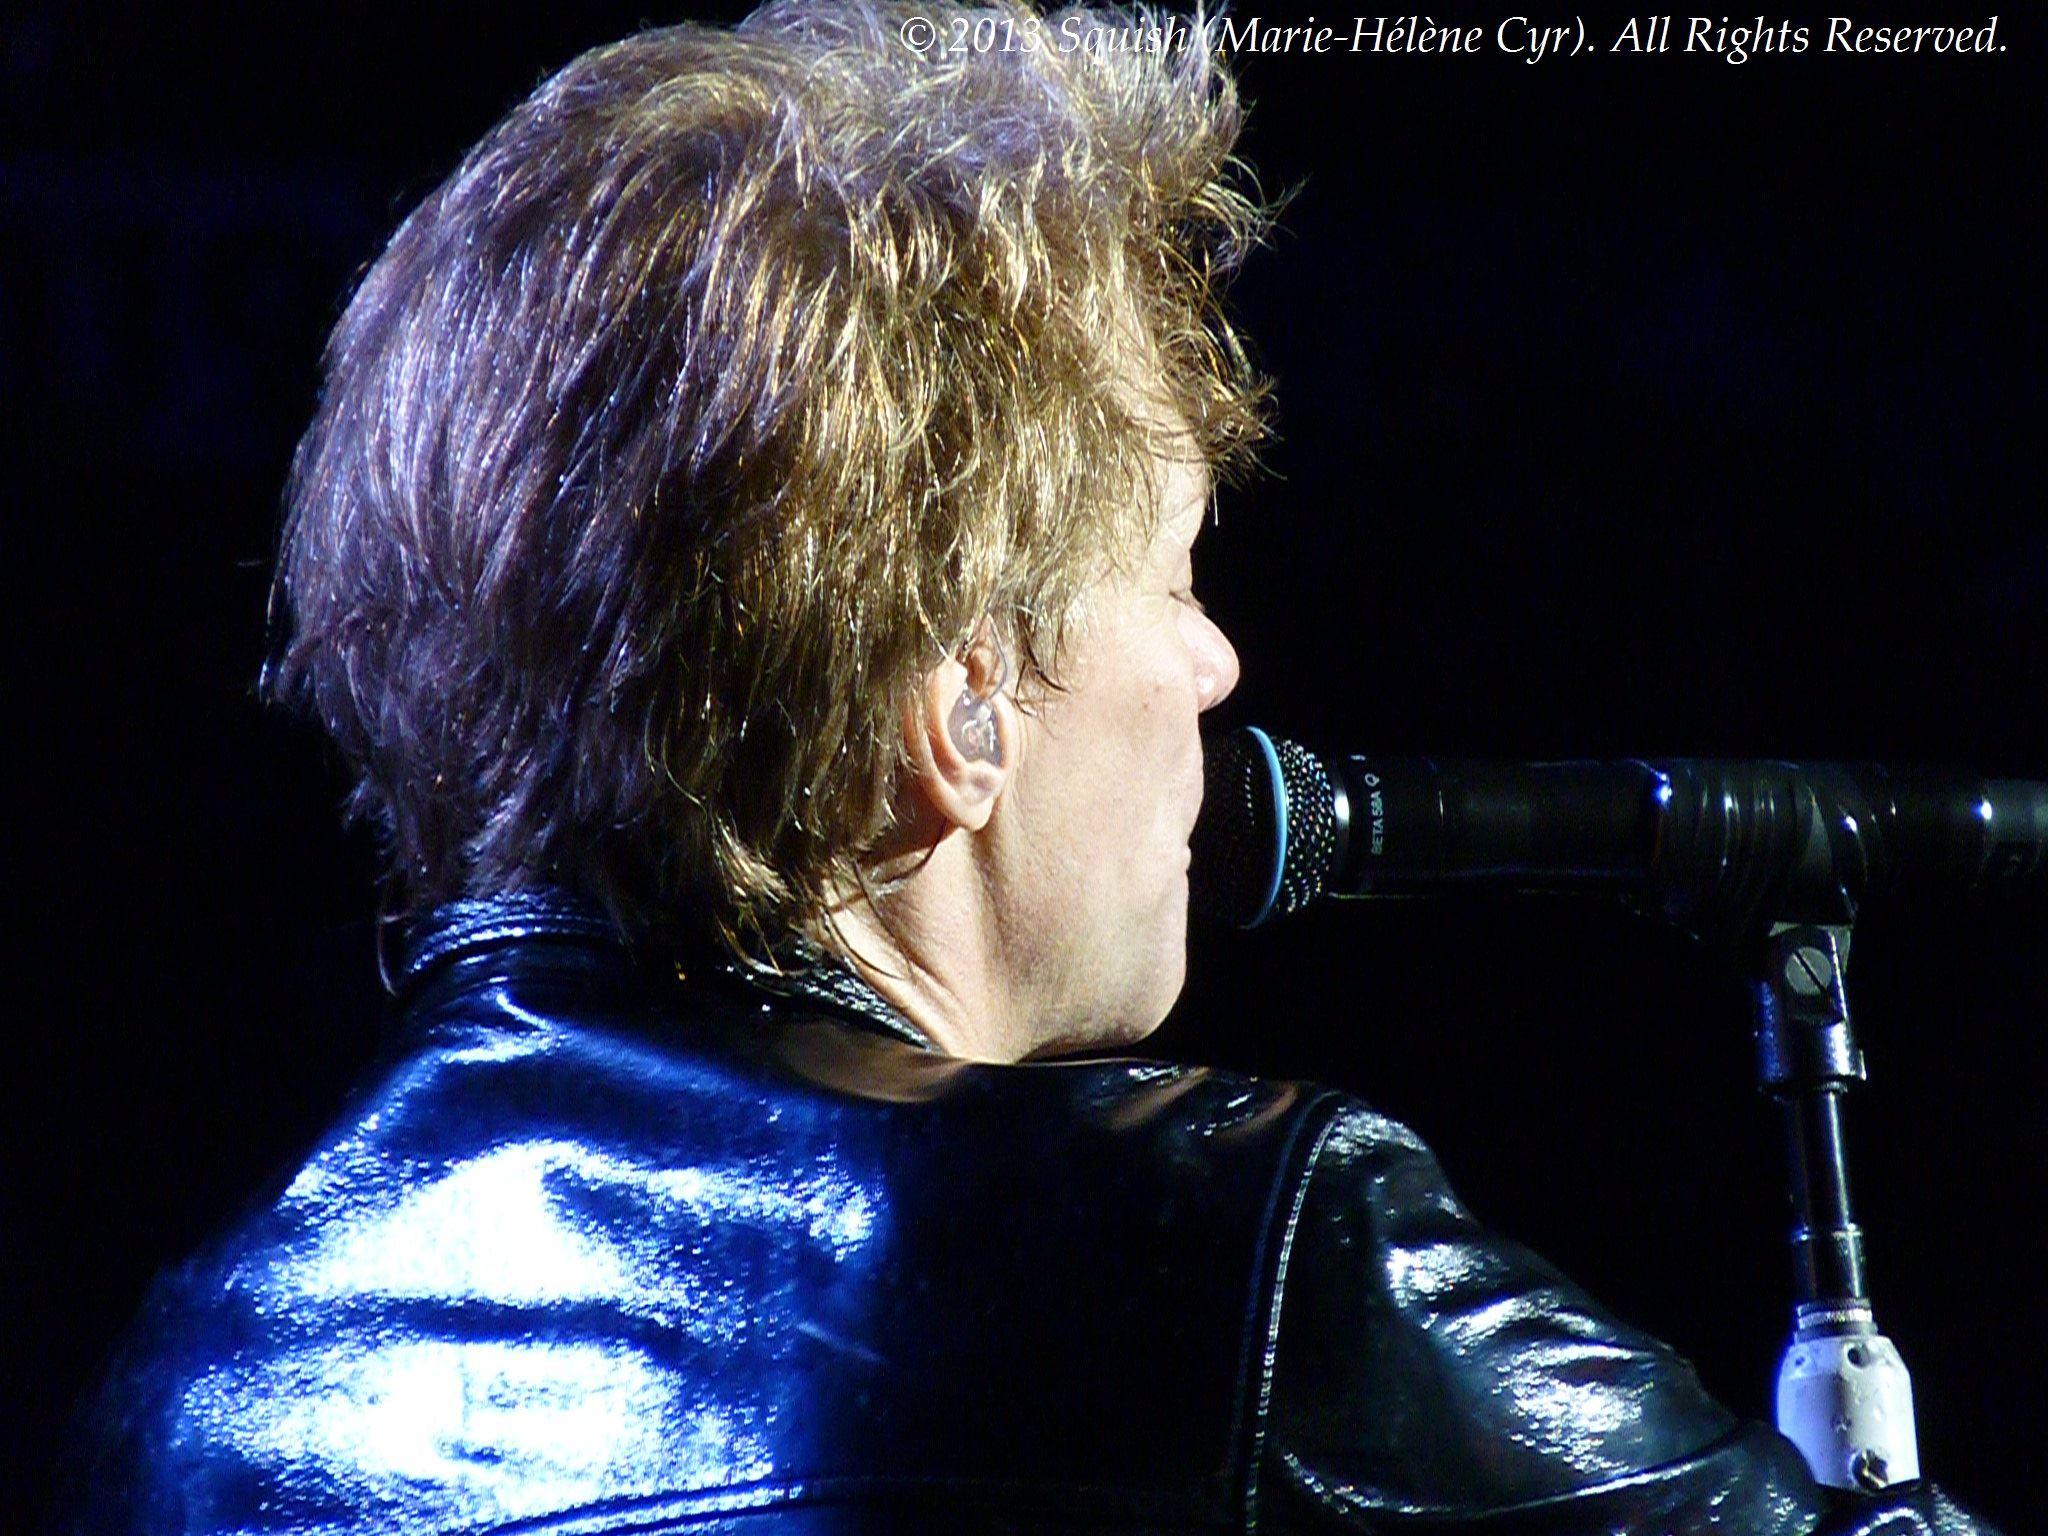 Bon Jovi - Air Canada Centre, Ontario, Canada (November 2, 2013)